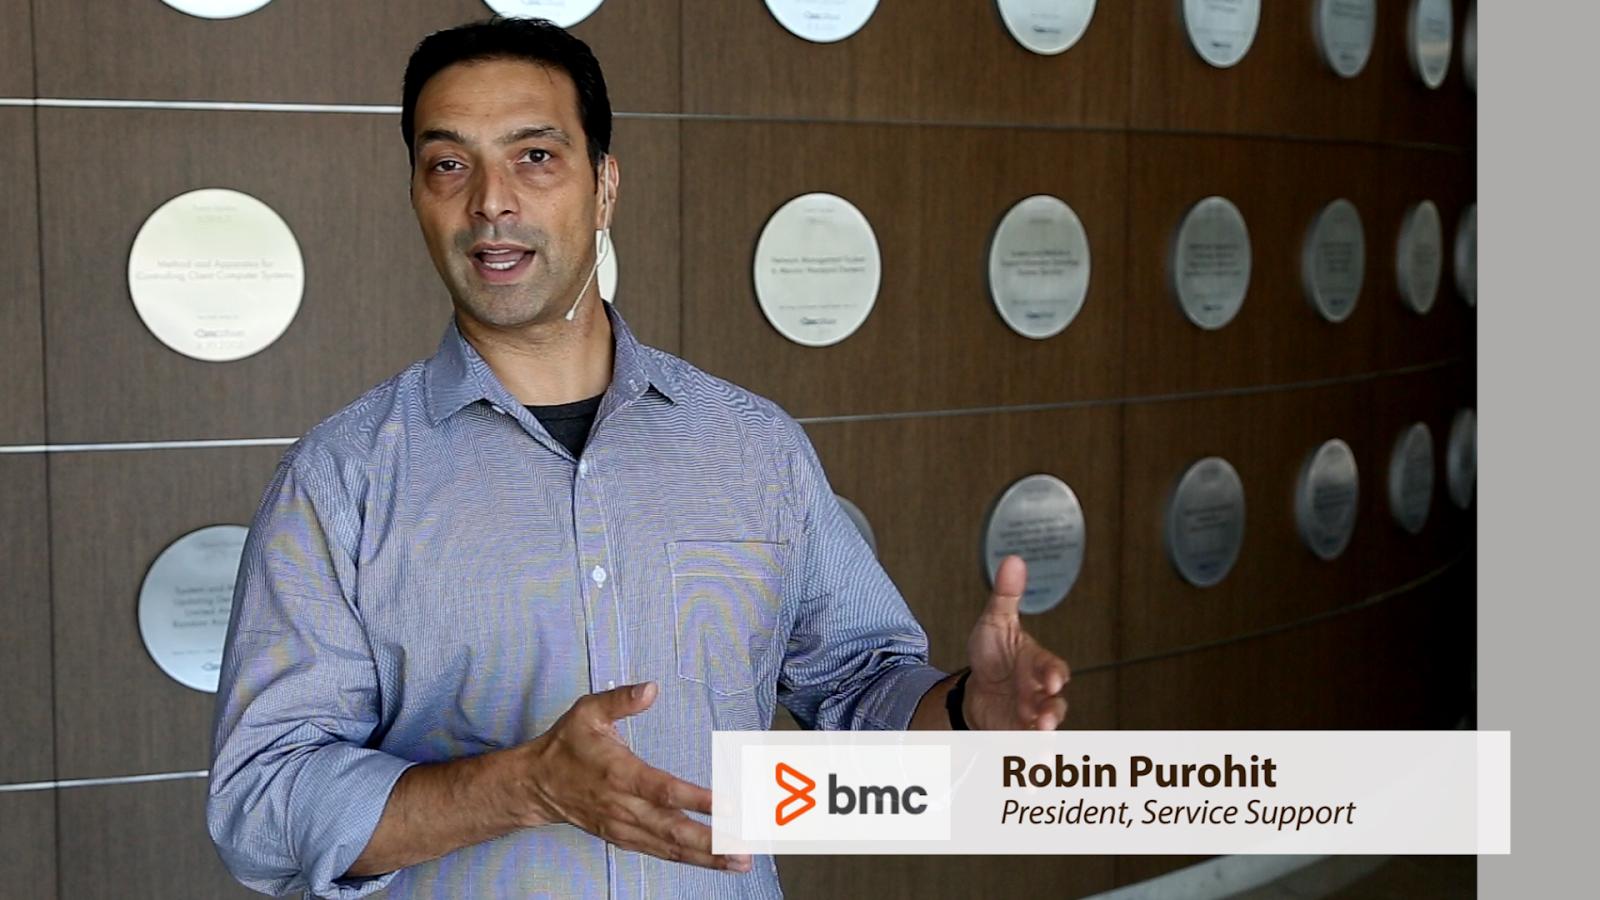 Robin Purohit, presidente del grupo de soluciones empresariales de BMC